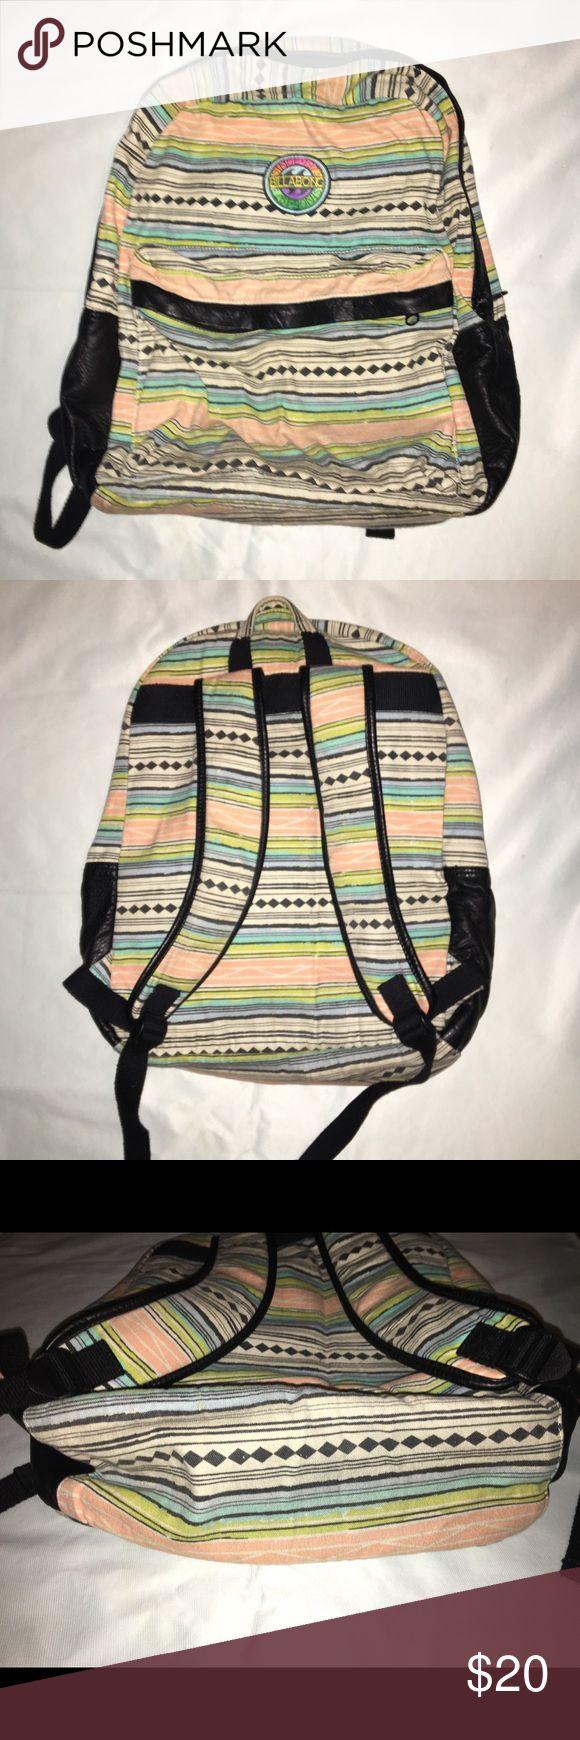 Billabong Backpack Billabong multicolored print ba…